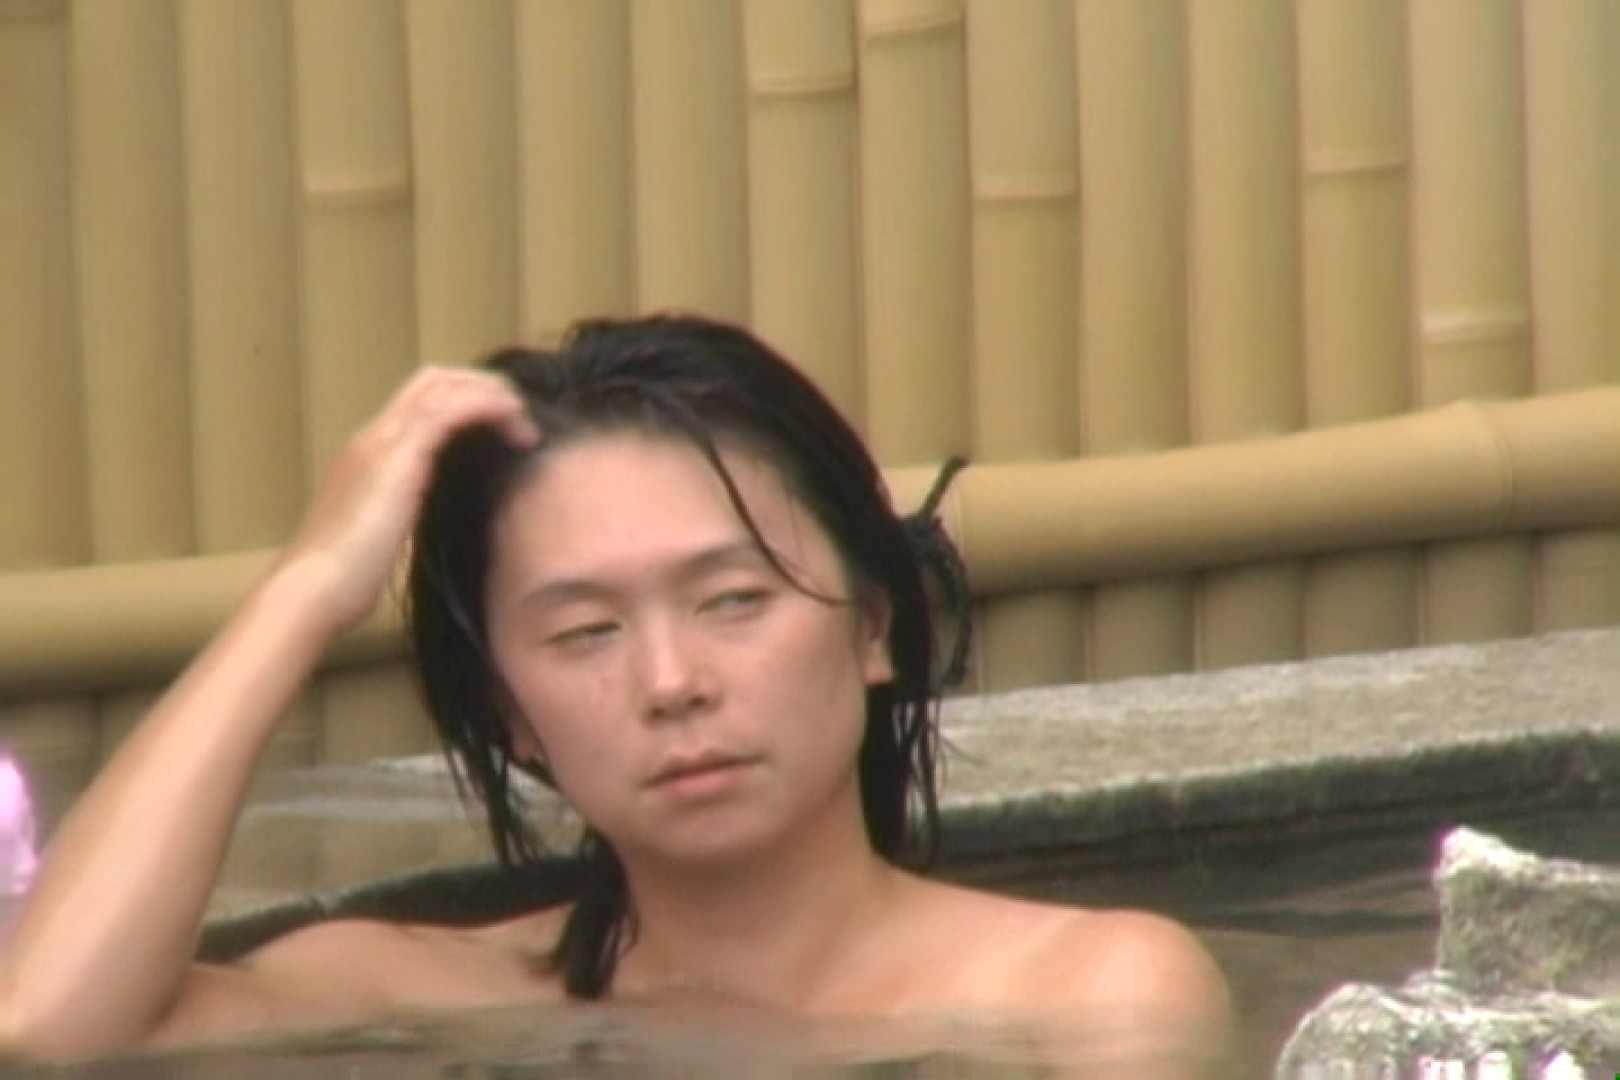 Aquaな露天風呂Vol.619 盗撮シリーズ  75PIX 24